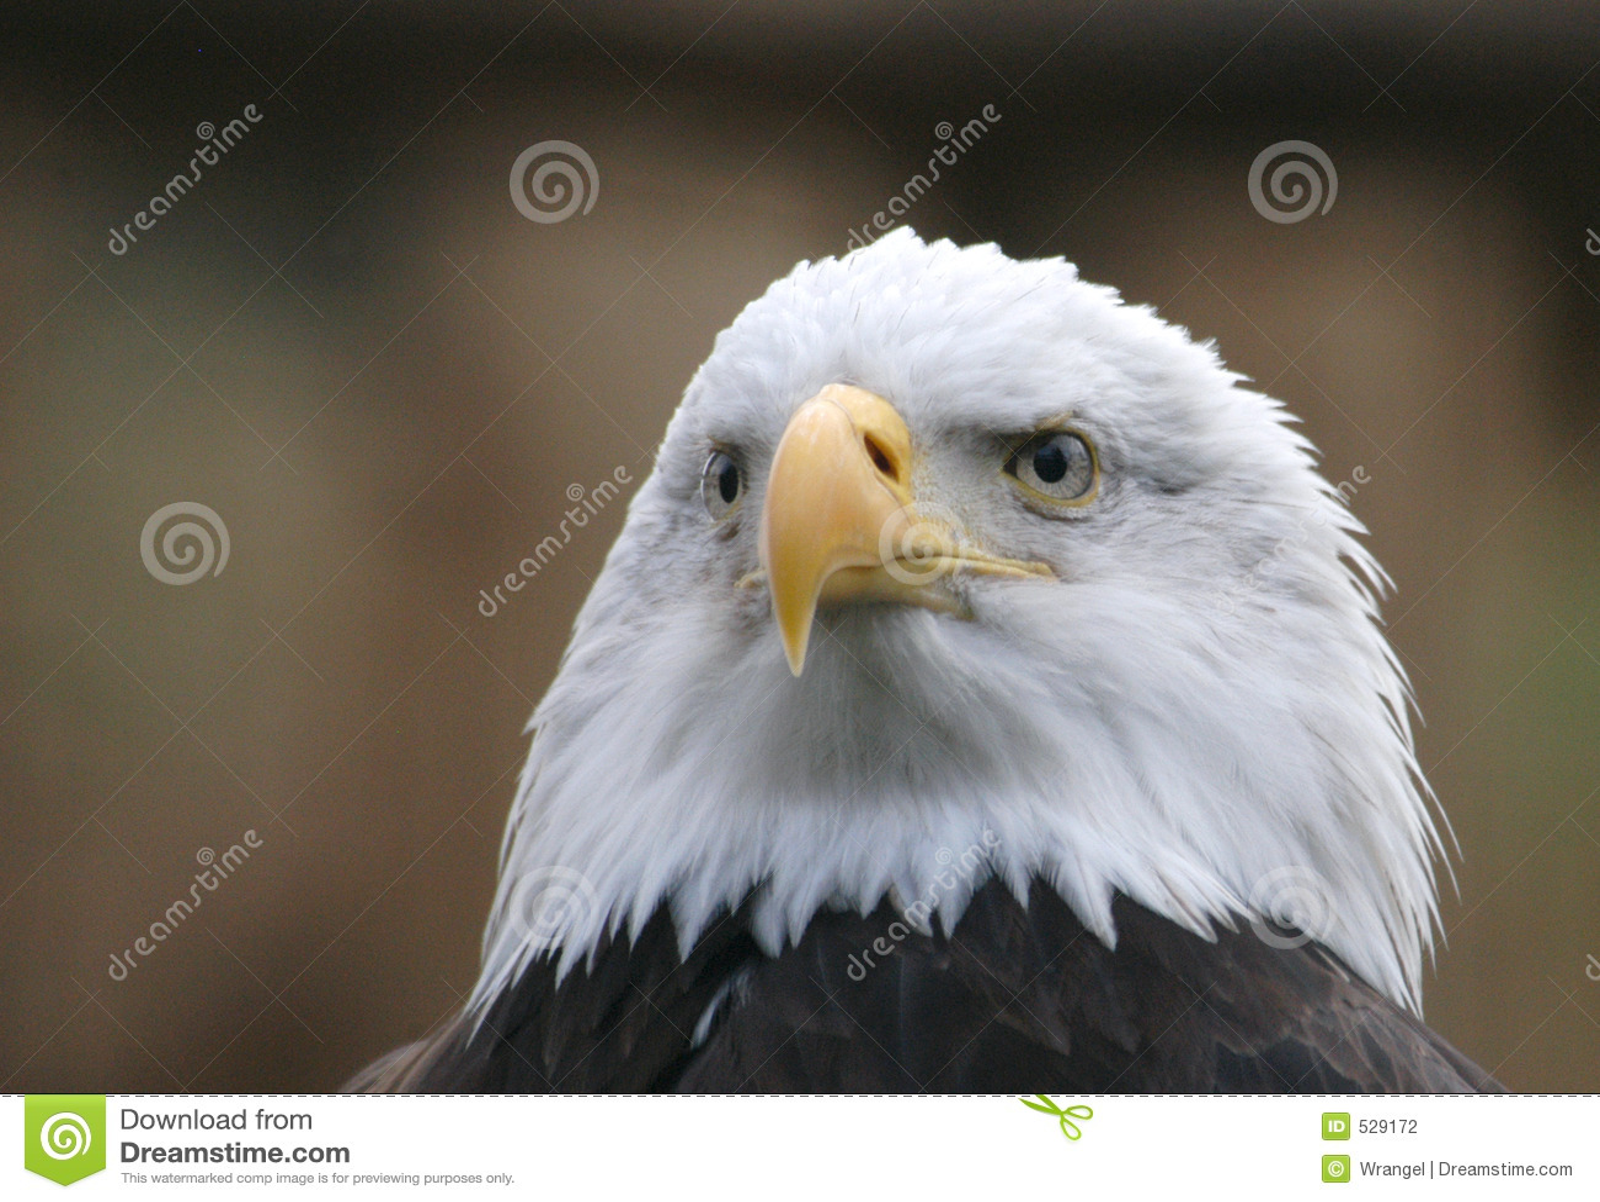 Download 白头鹰 库存照片. 图片 包括有 广告牌, 查找, 老鹰, 象征, 扫视, 国家, 爱国, 题头, 自由, 爱国心 - 529172